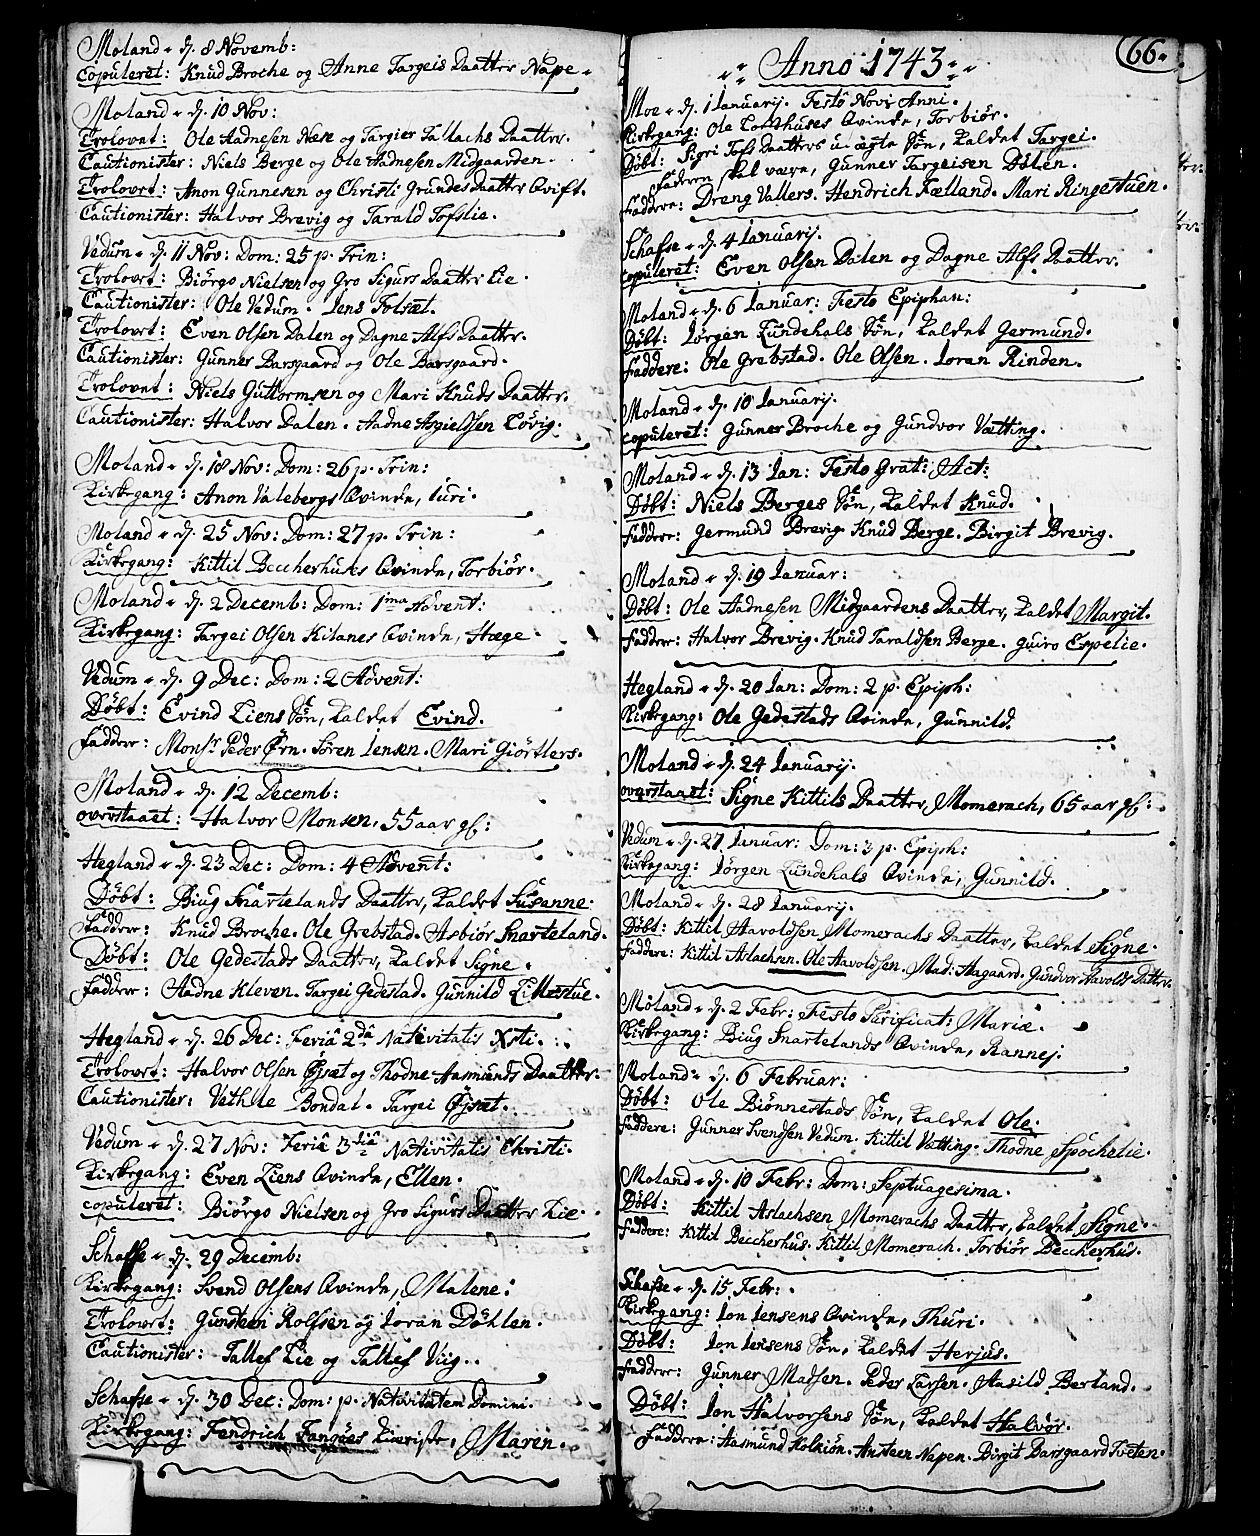 SAKO, Fyresdal kirkebøker, F/Fa/L0001: Ministerialbok nr. I 1, 1724-1748, s. 66